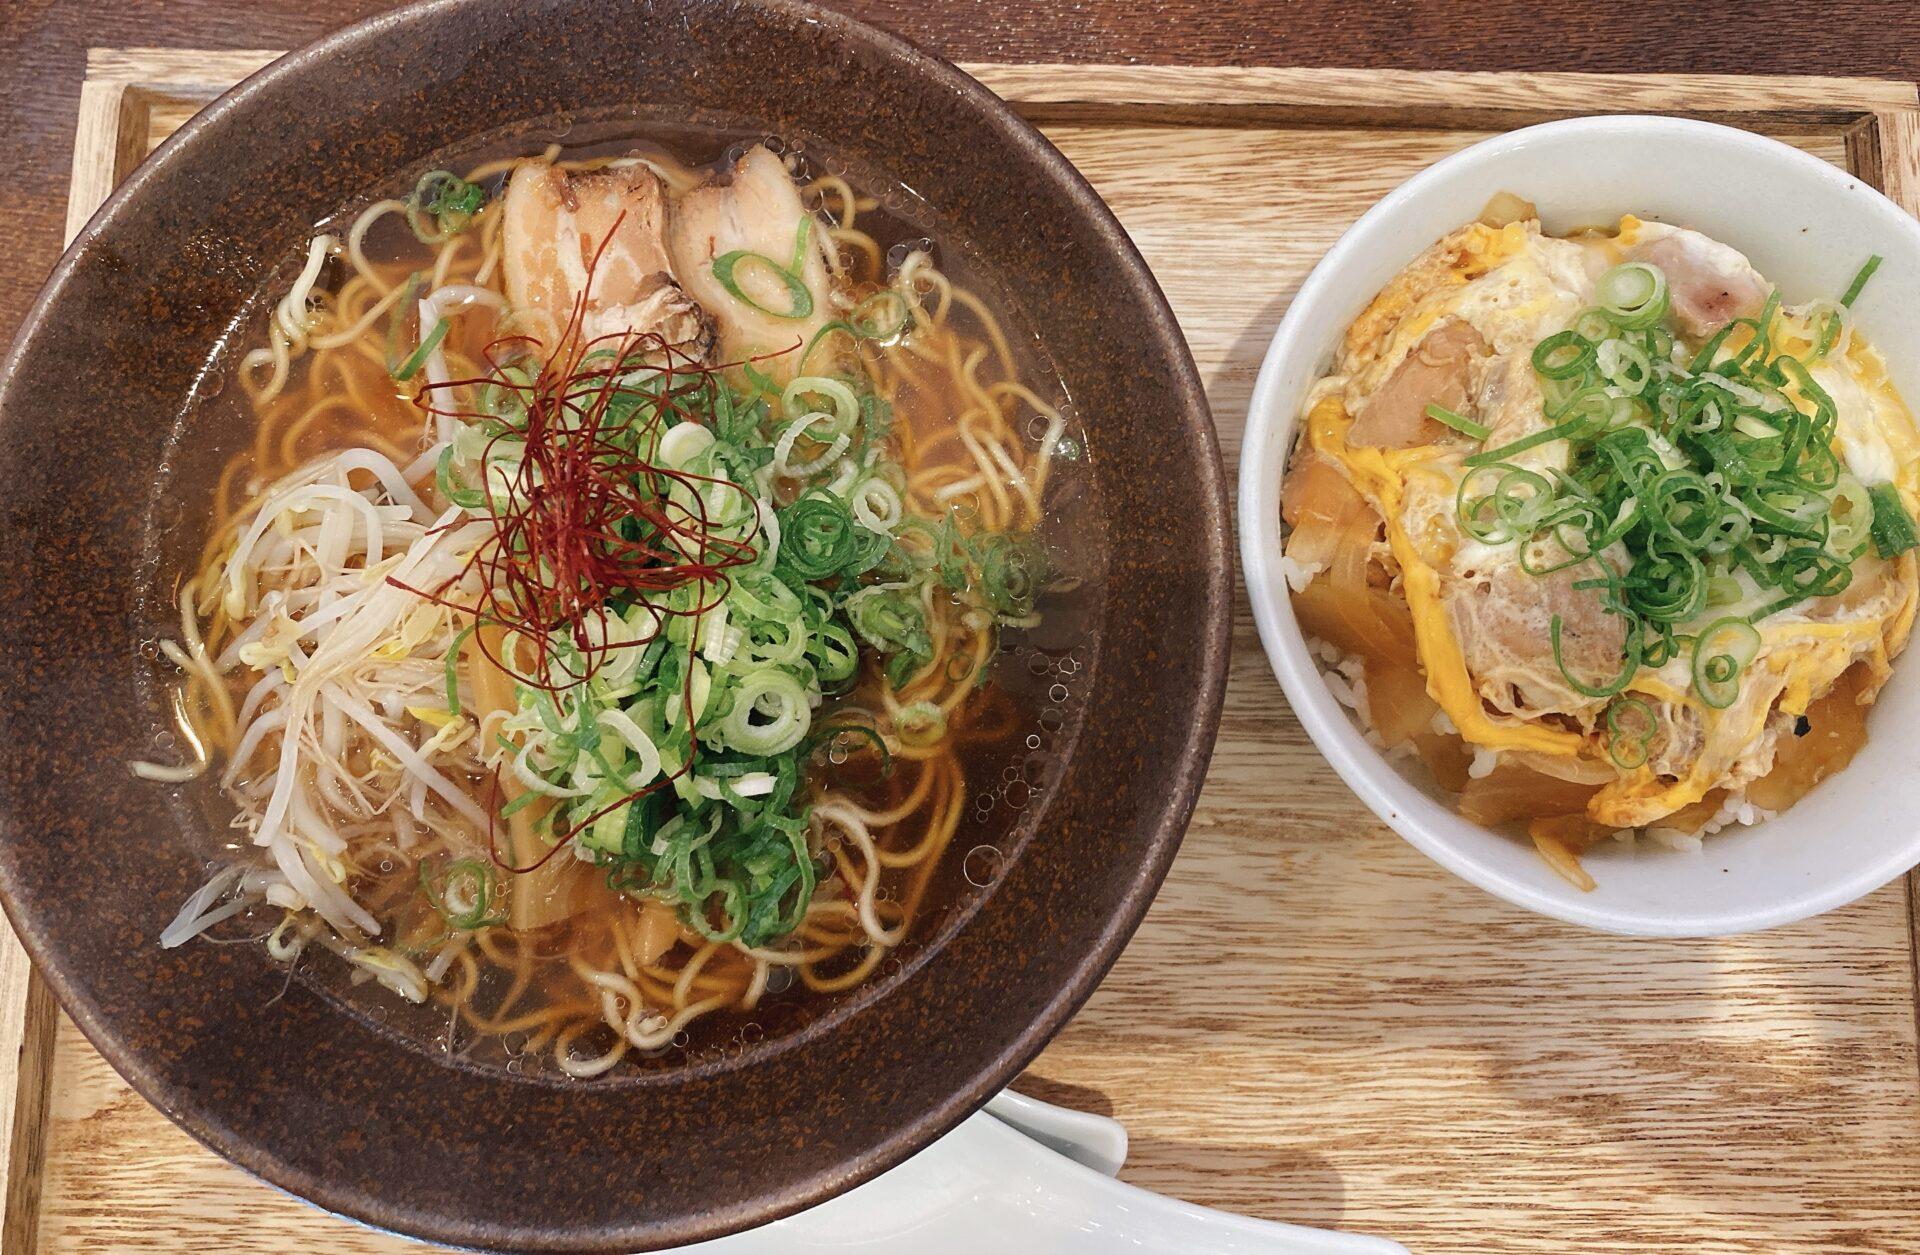 赤磐市【中華そば きんばね】鶏ガラスープ好きには堪らないラーメン店がオープン!ガッツリいくなら丼とセットがおススメ!